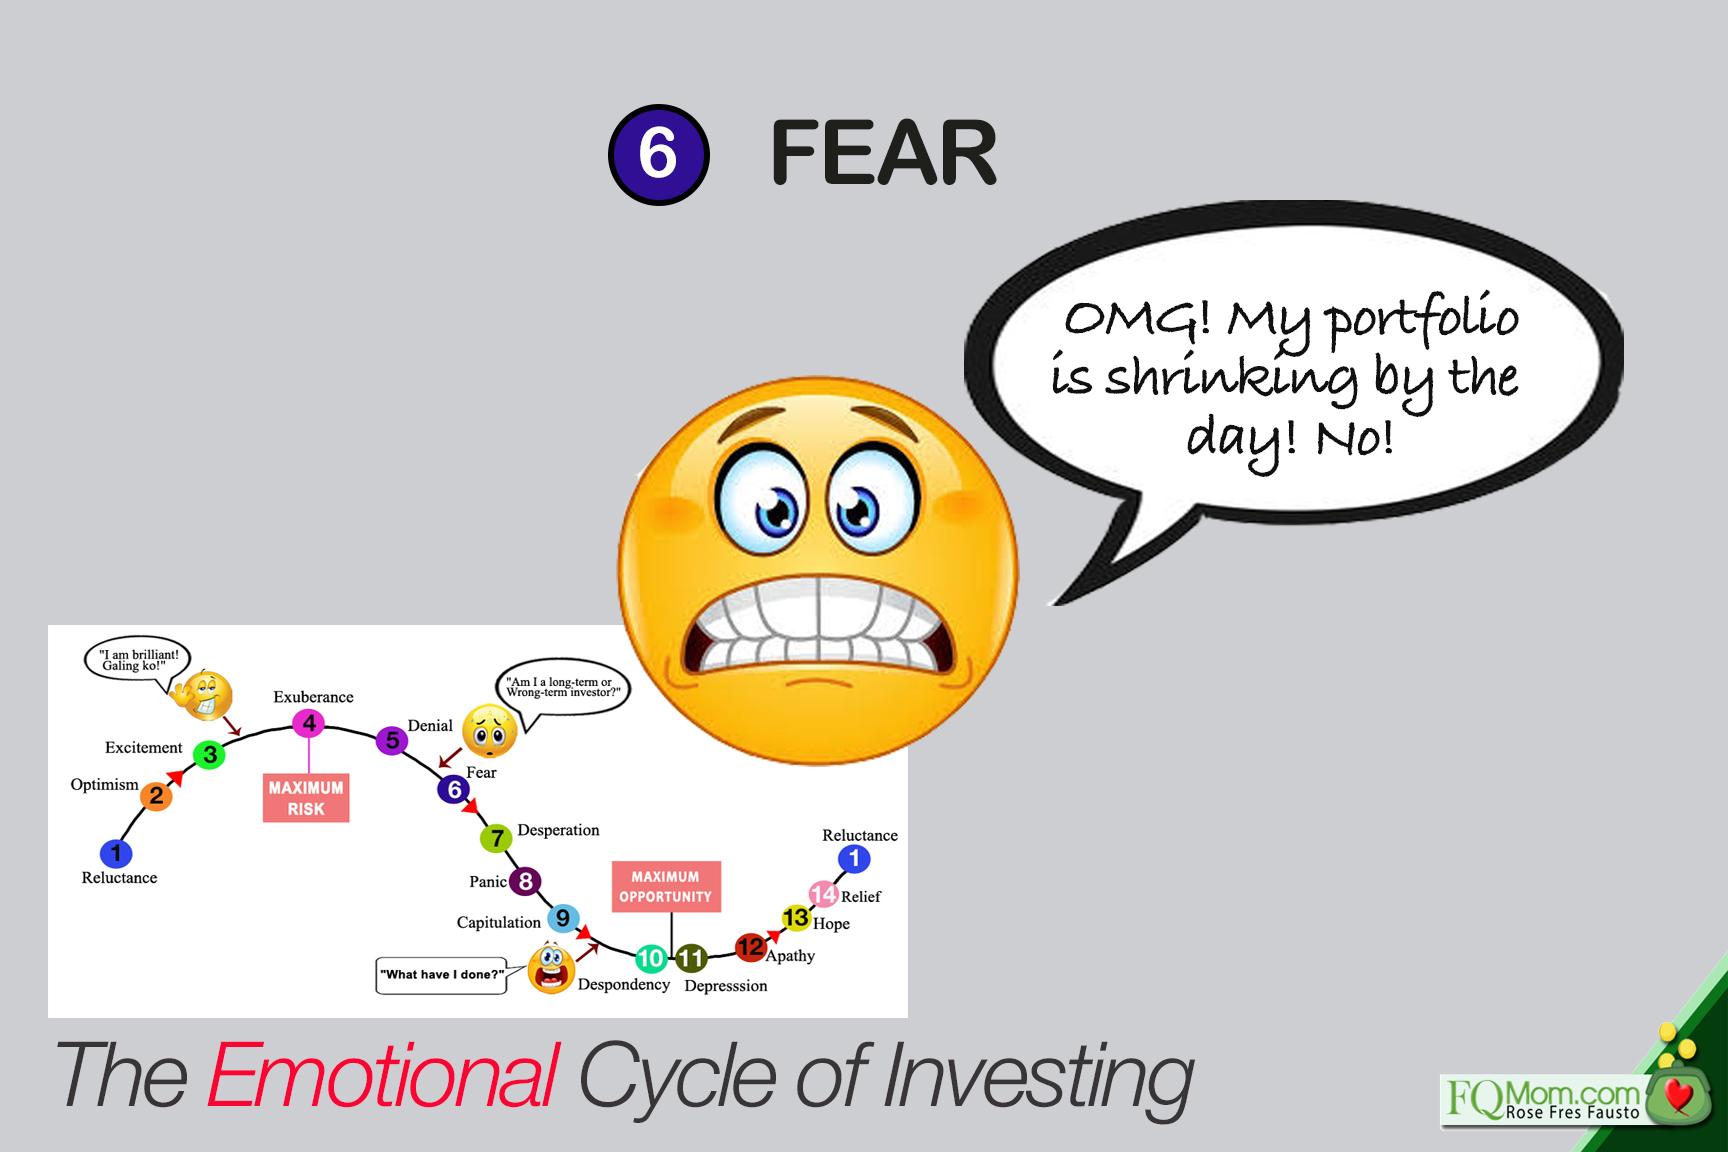 6-fear